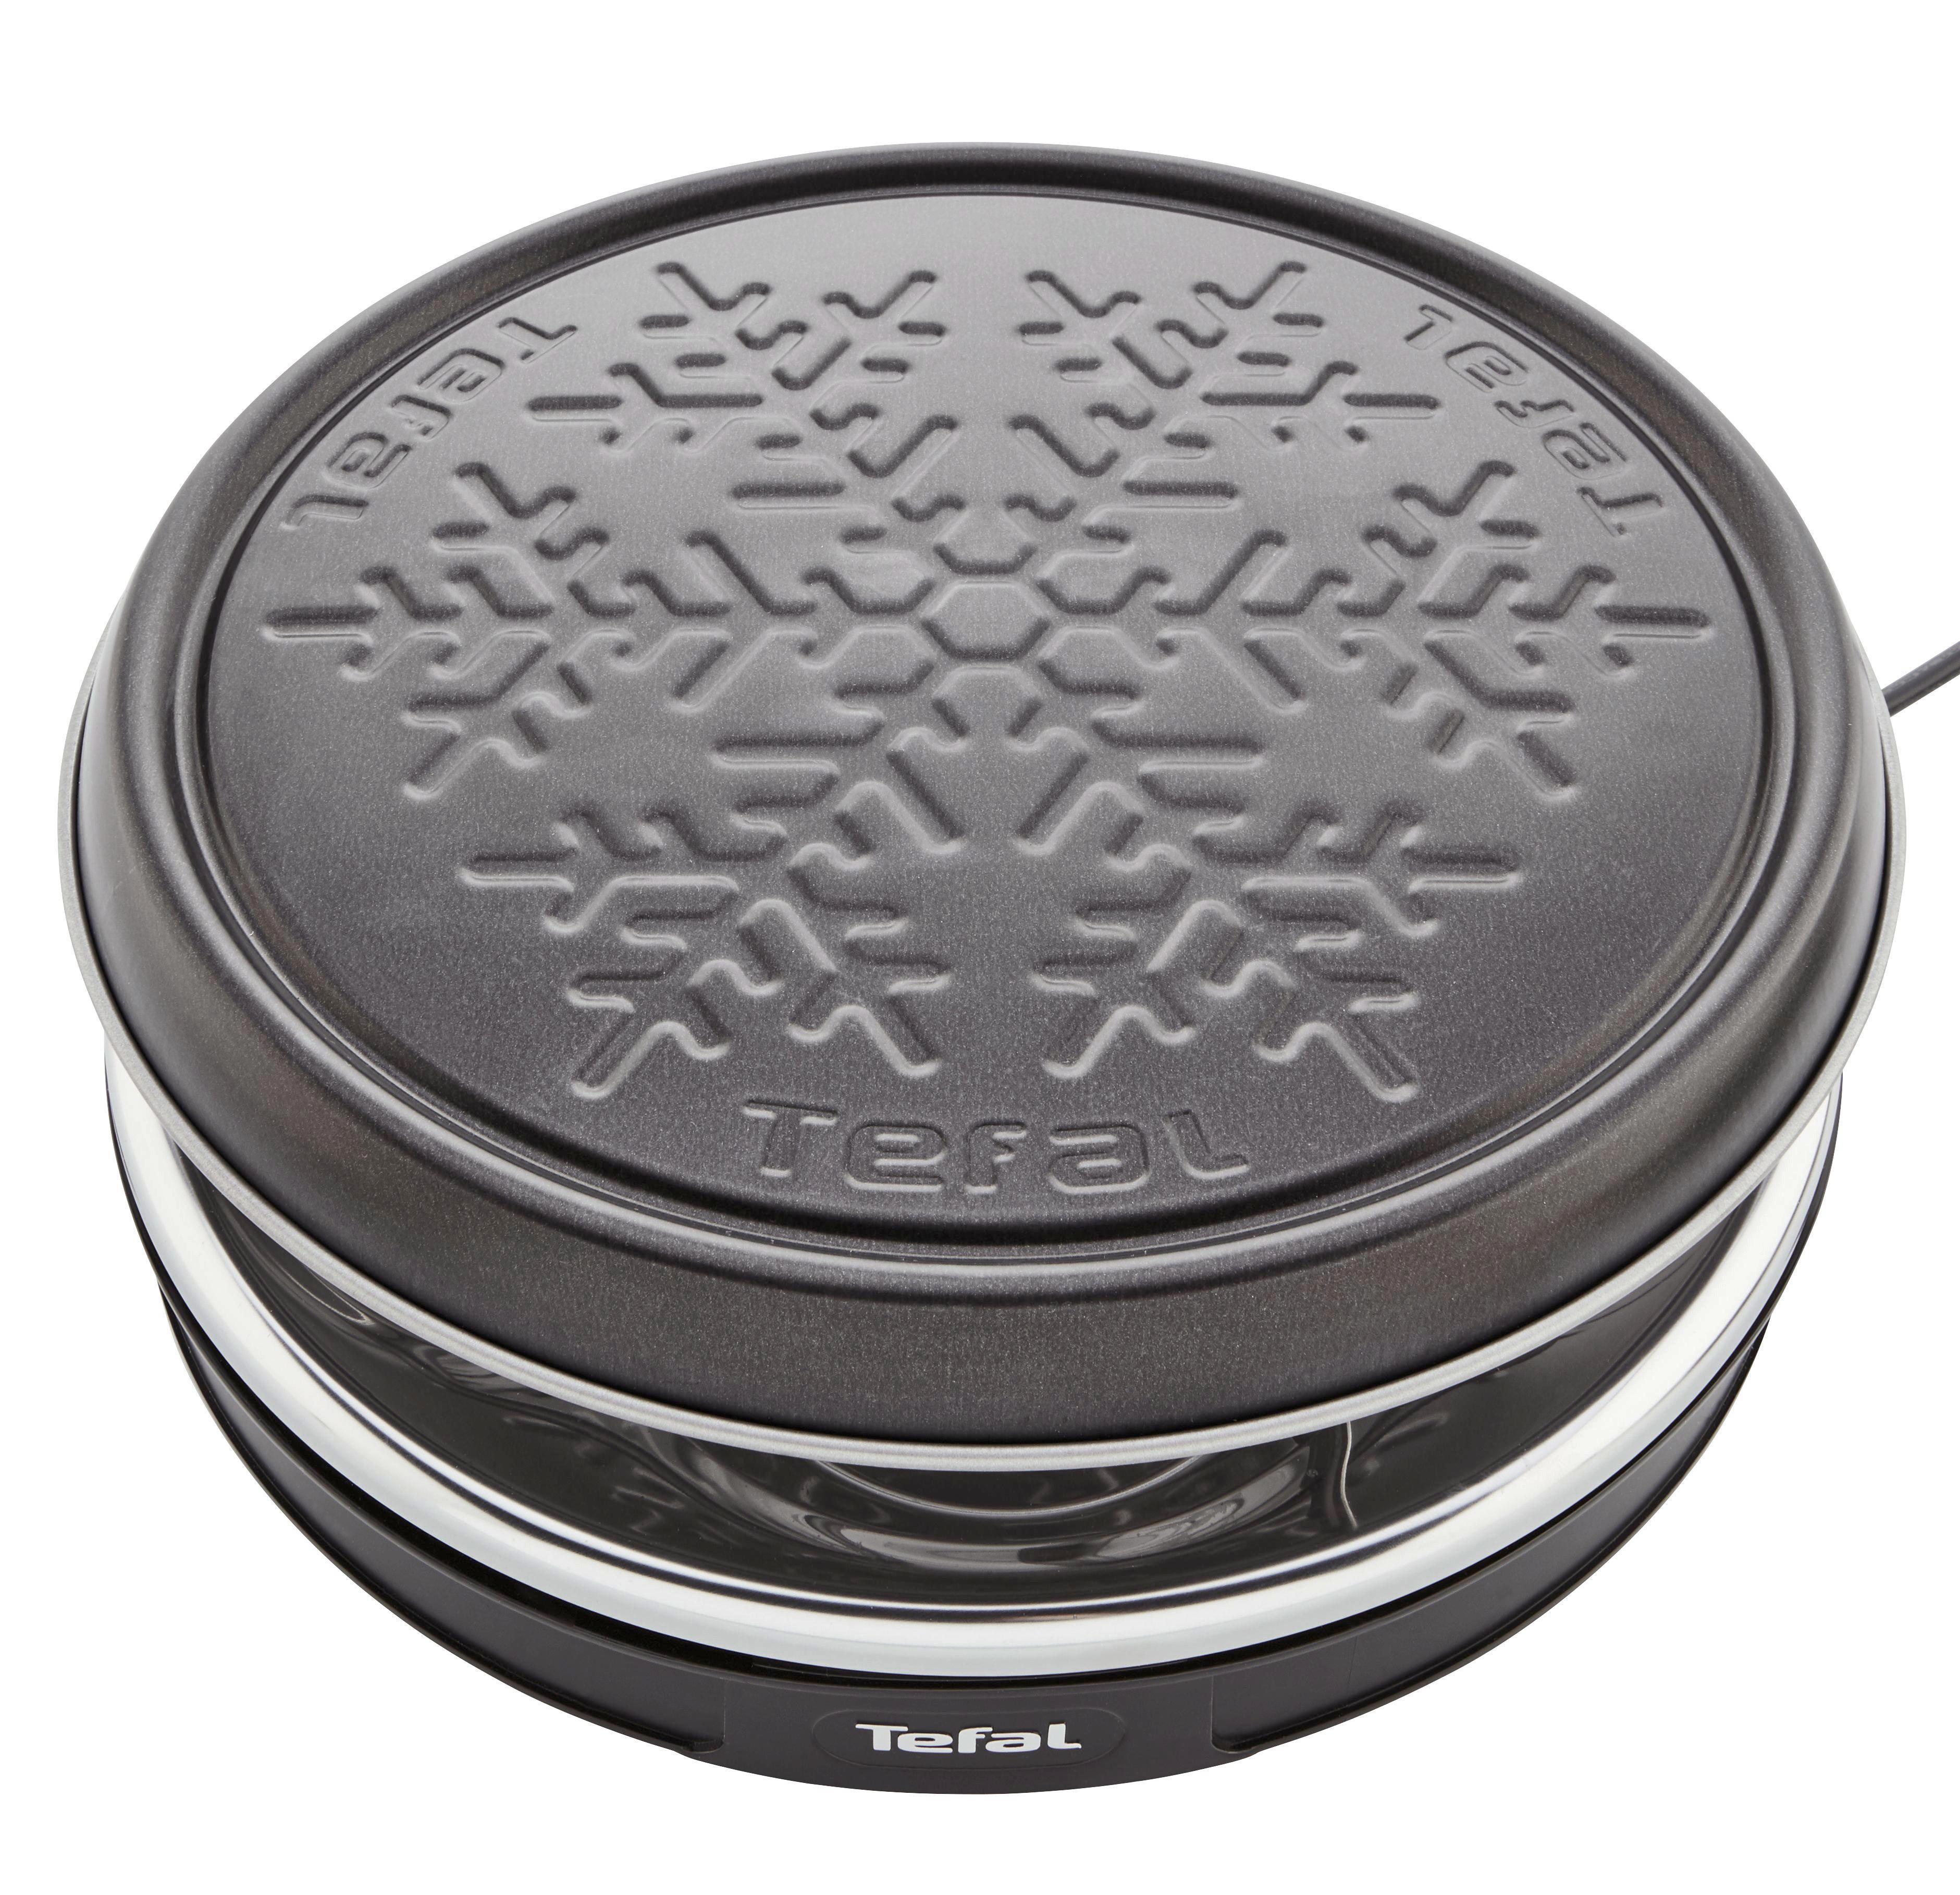 Raclette-grill Tefal - Schwarz, KONVENTIONELL, Kunststoff (35/35/14cm) - TEFAL